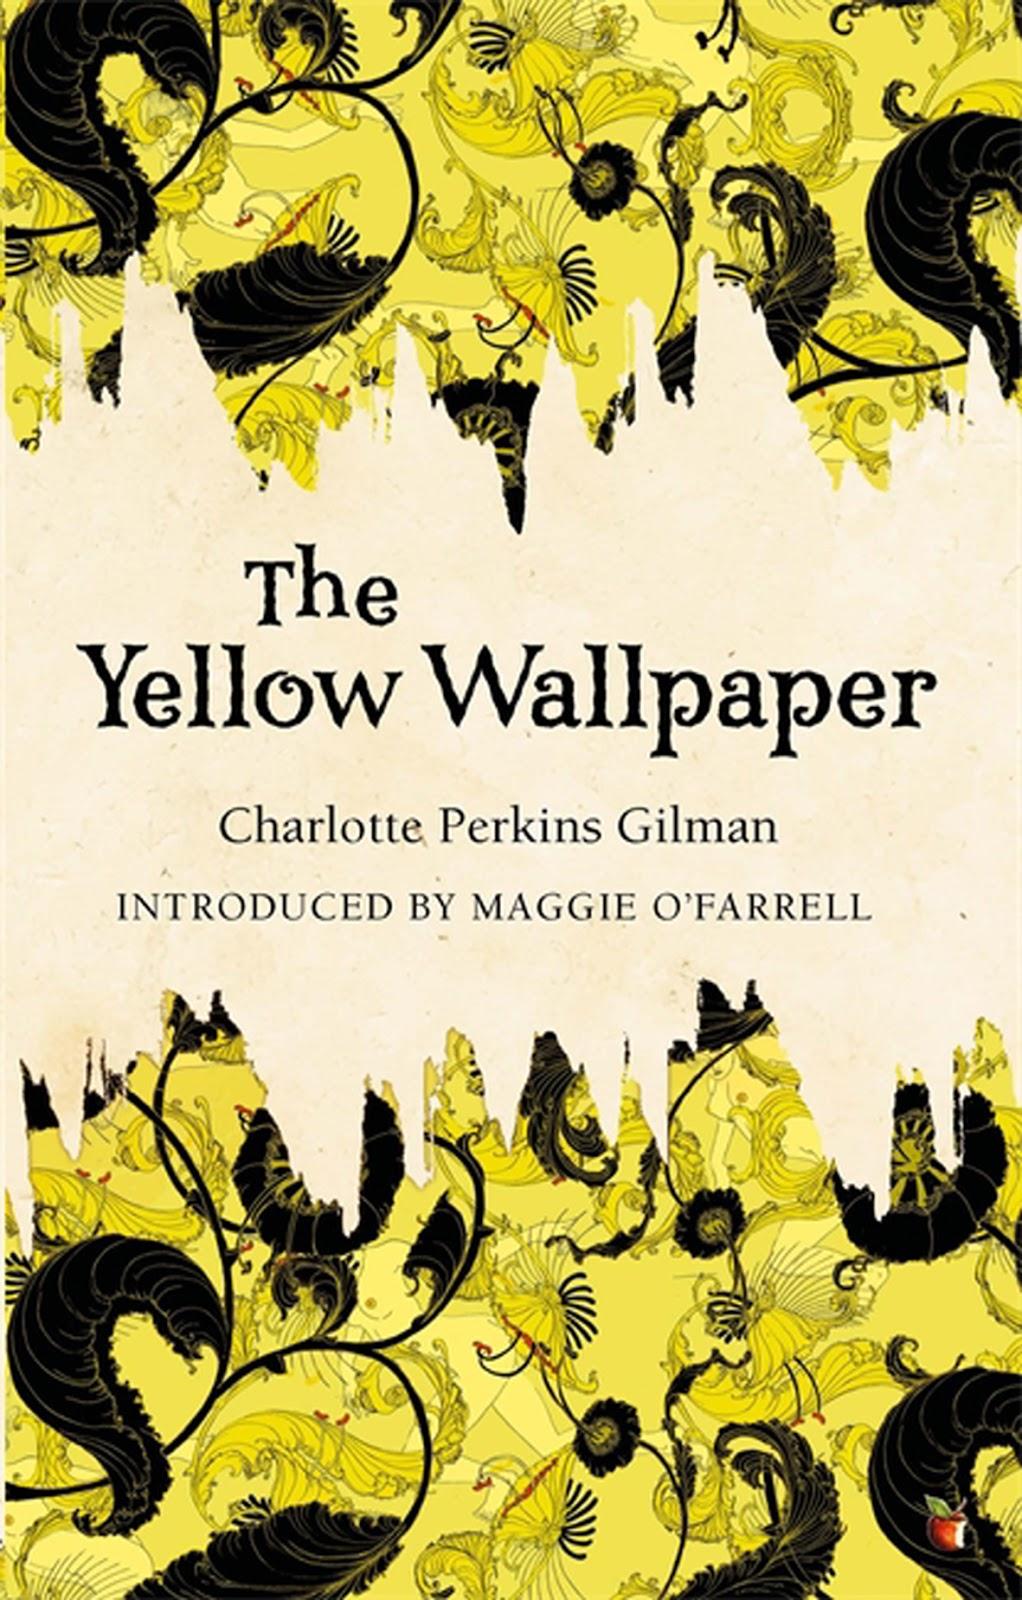 [49+] Yellow Wallpaper Summary on WallpaperSafari